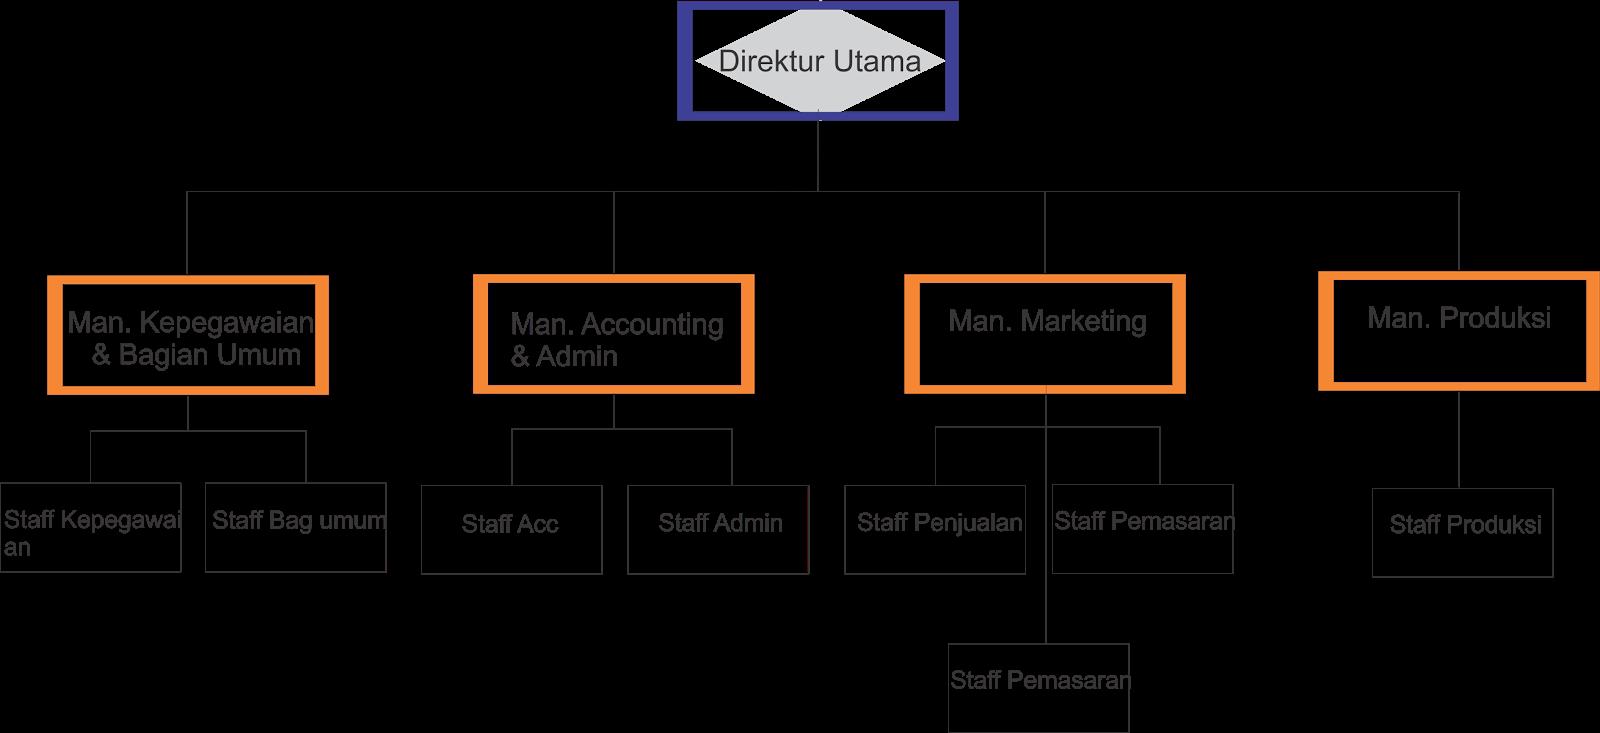 struktur organisasi perusahaan percetakan bangkit immortal Contoh Gambar Struktur Organisasi Perusahaan struktur organisasi perusahaan percetakan